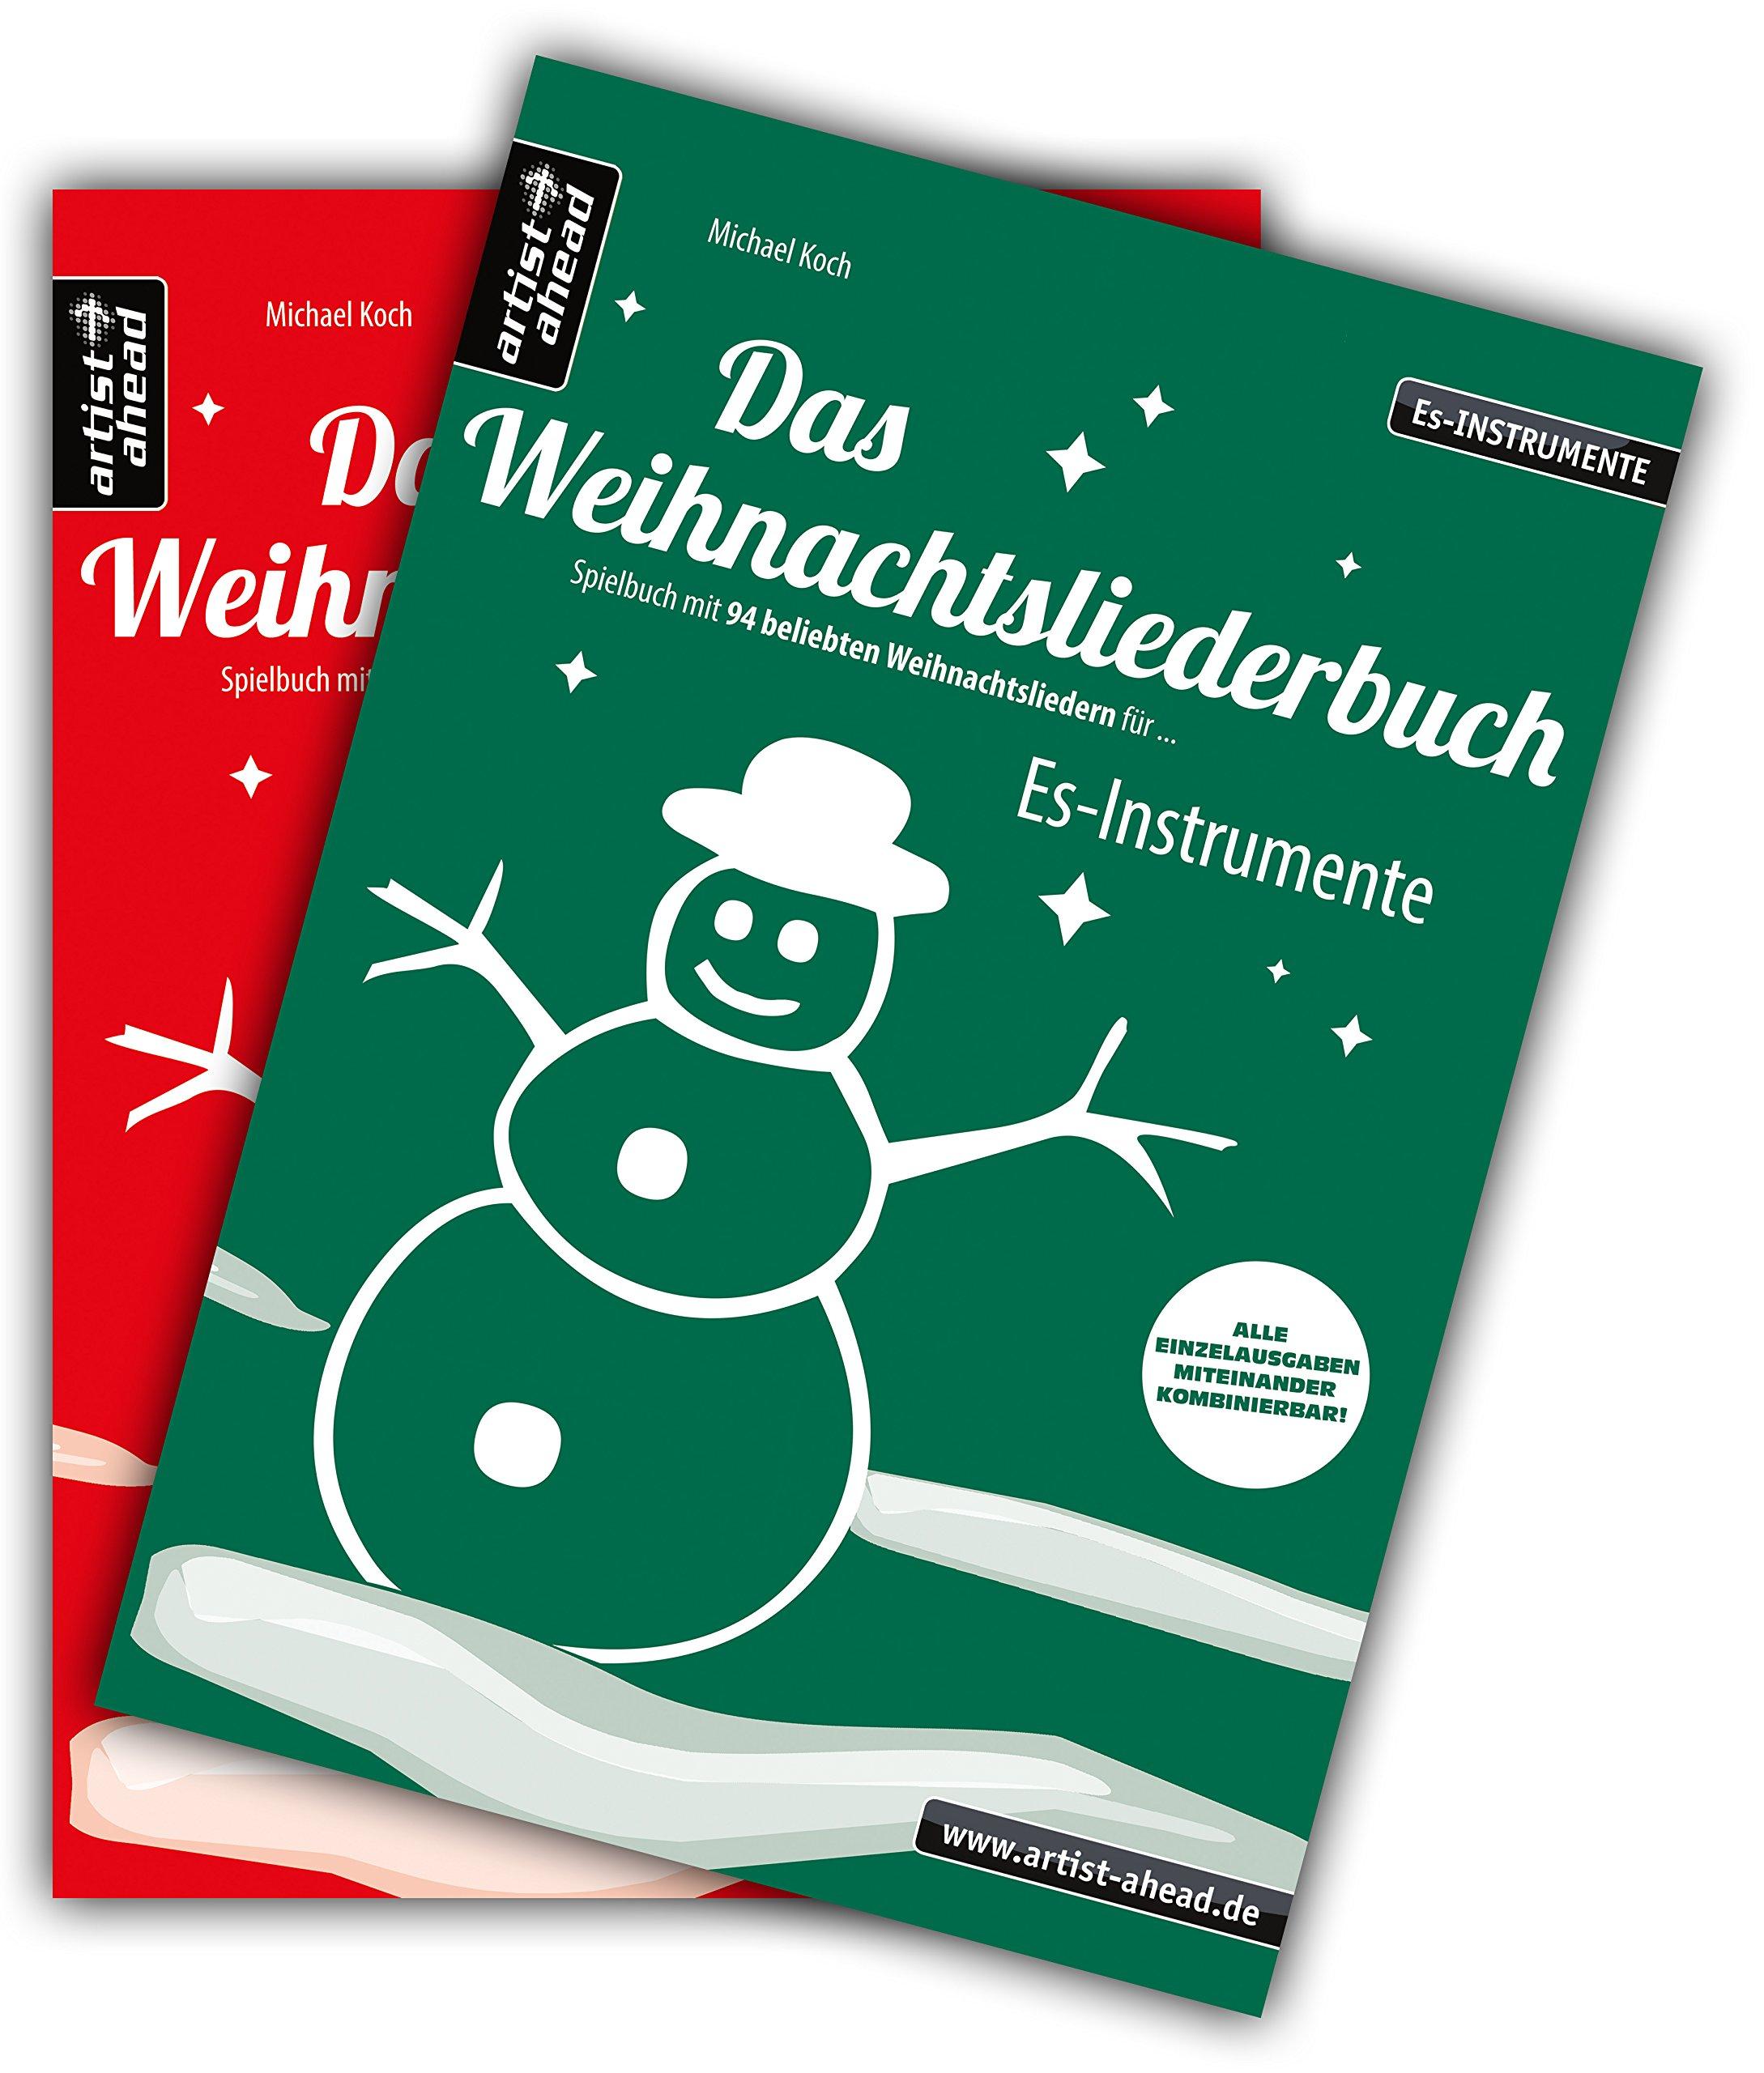 Das Weihnachtsliederbuch-Set: 2 Spielbücher mit 94 beliebten Weihnachtsliedern für Es-Instrumente (z. B. für Altsaxophon, Tuba) & Klavierbegleitung (mit Melodiestimme in C). Songbook. Musiknoten.